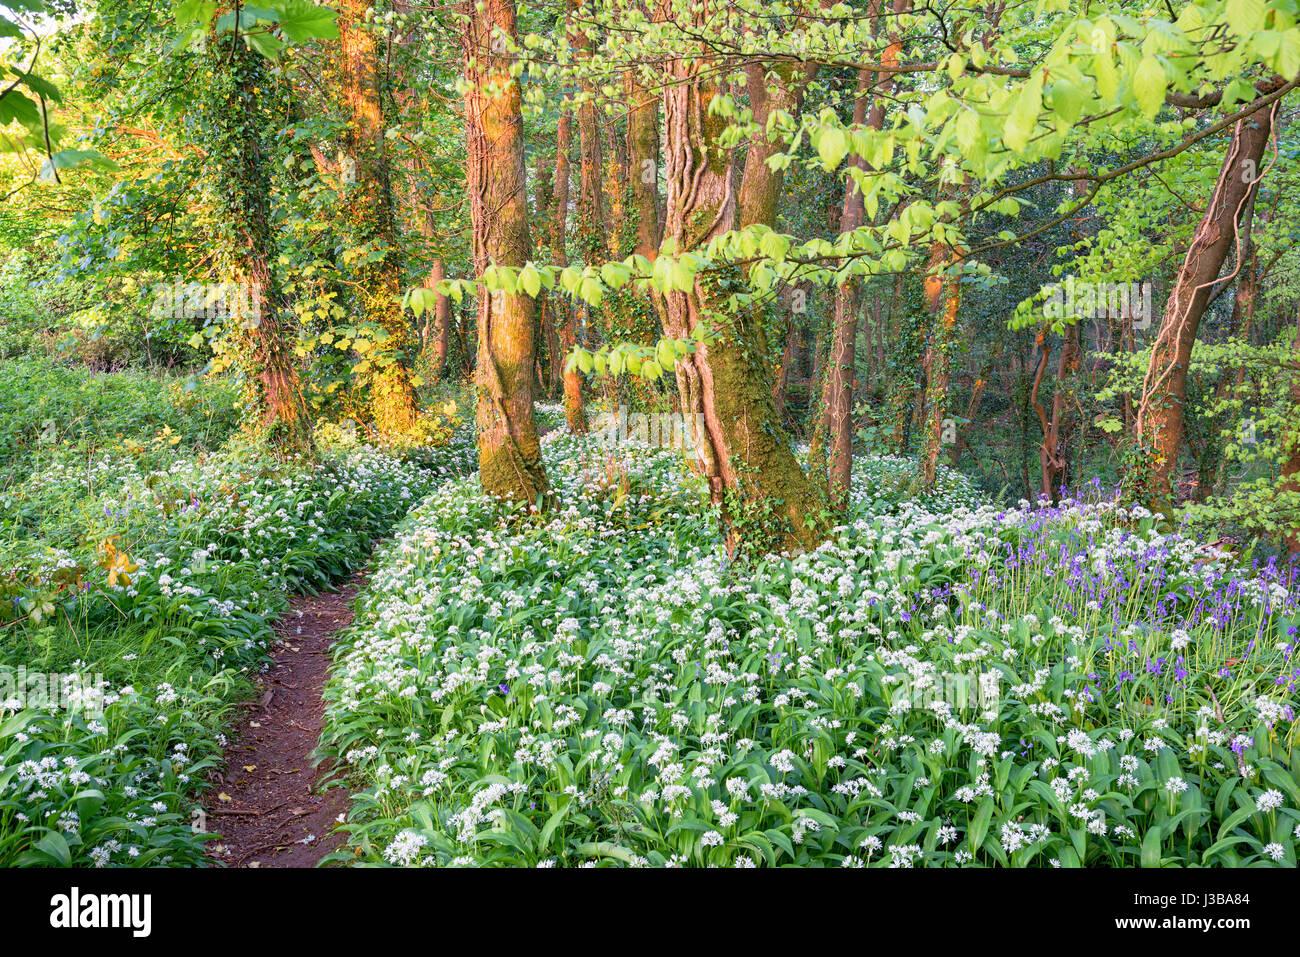 L'ail sauvage et de jacinthes des bois à près de Hayle en Cornouailles Banque D'Images